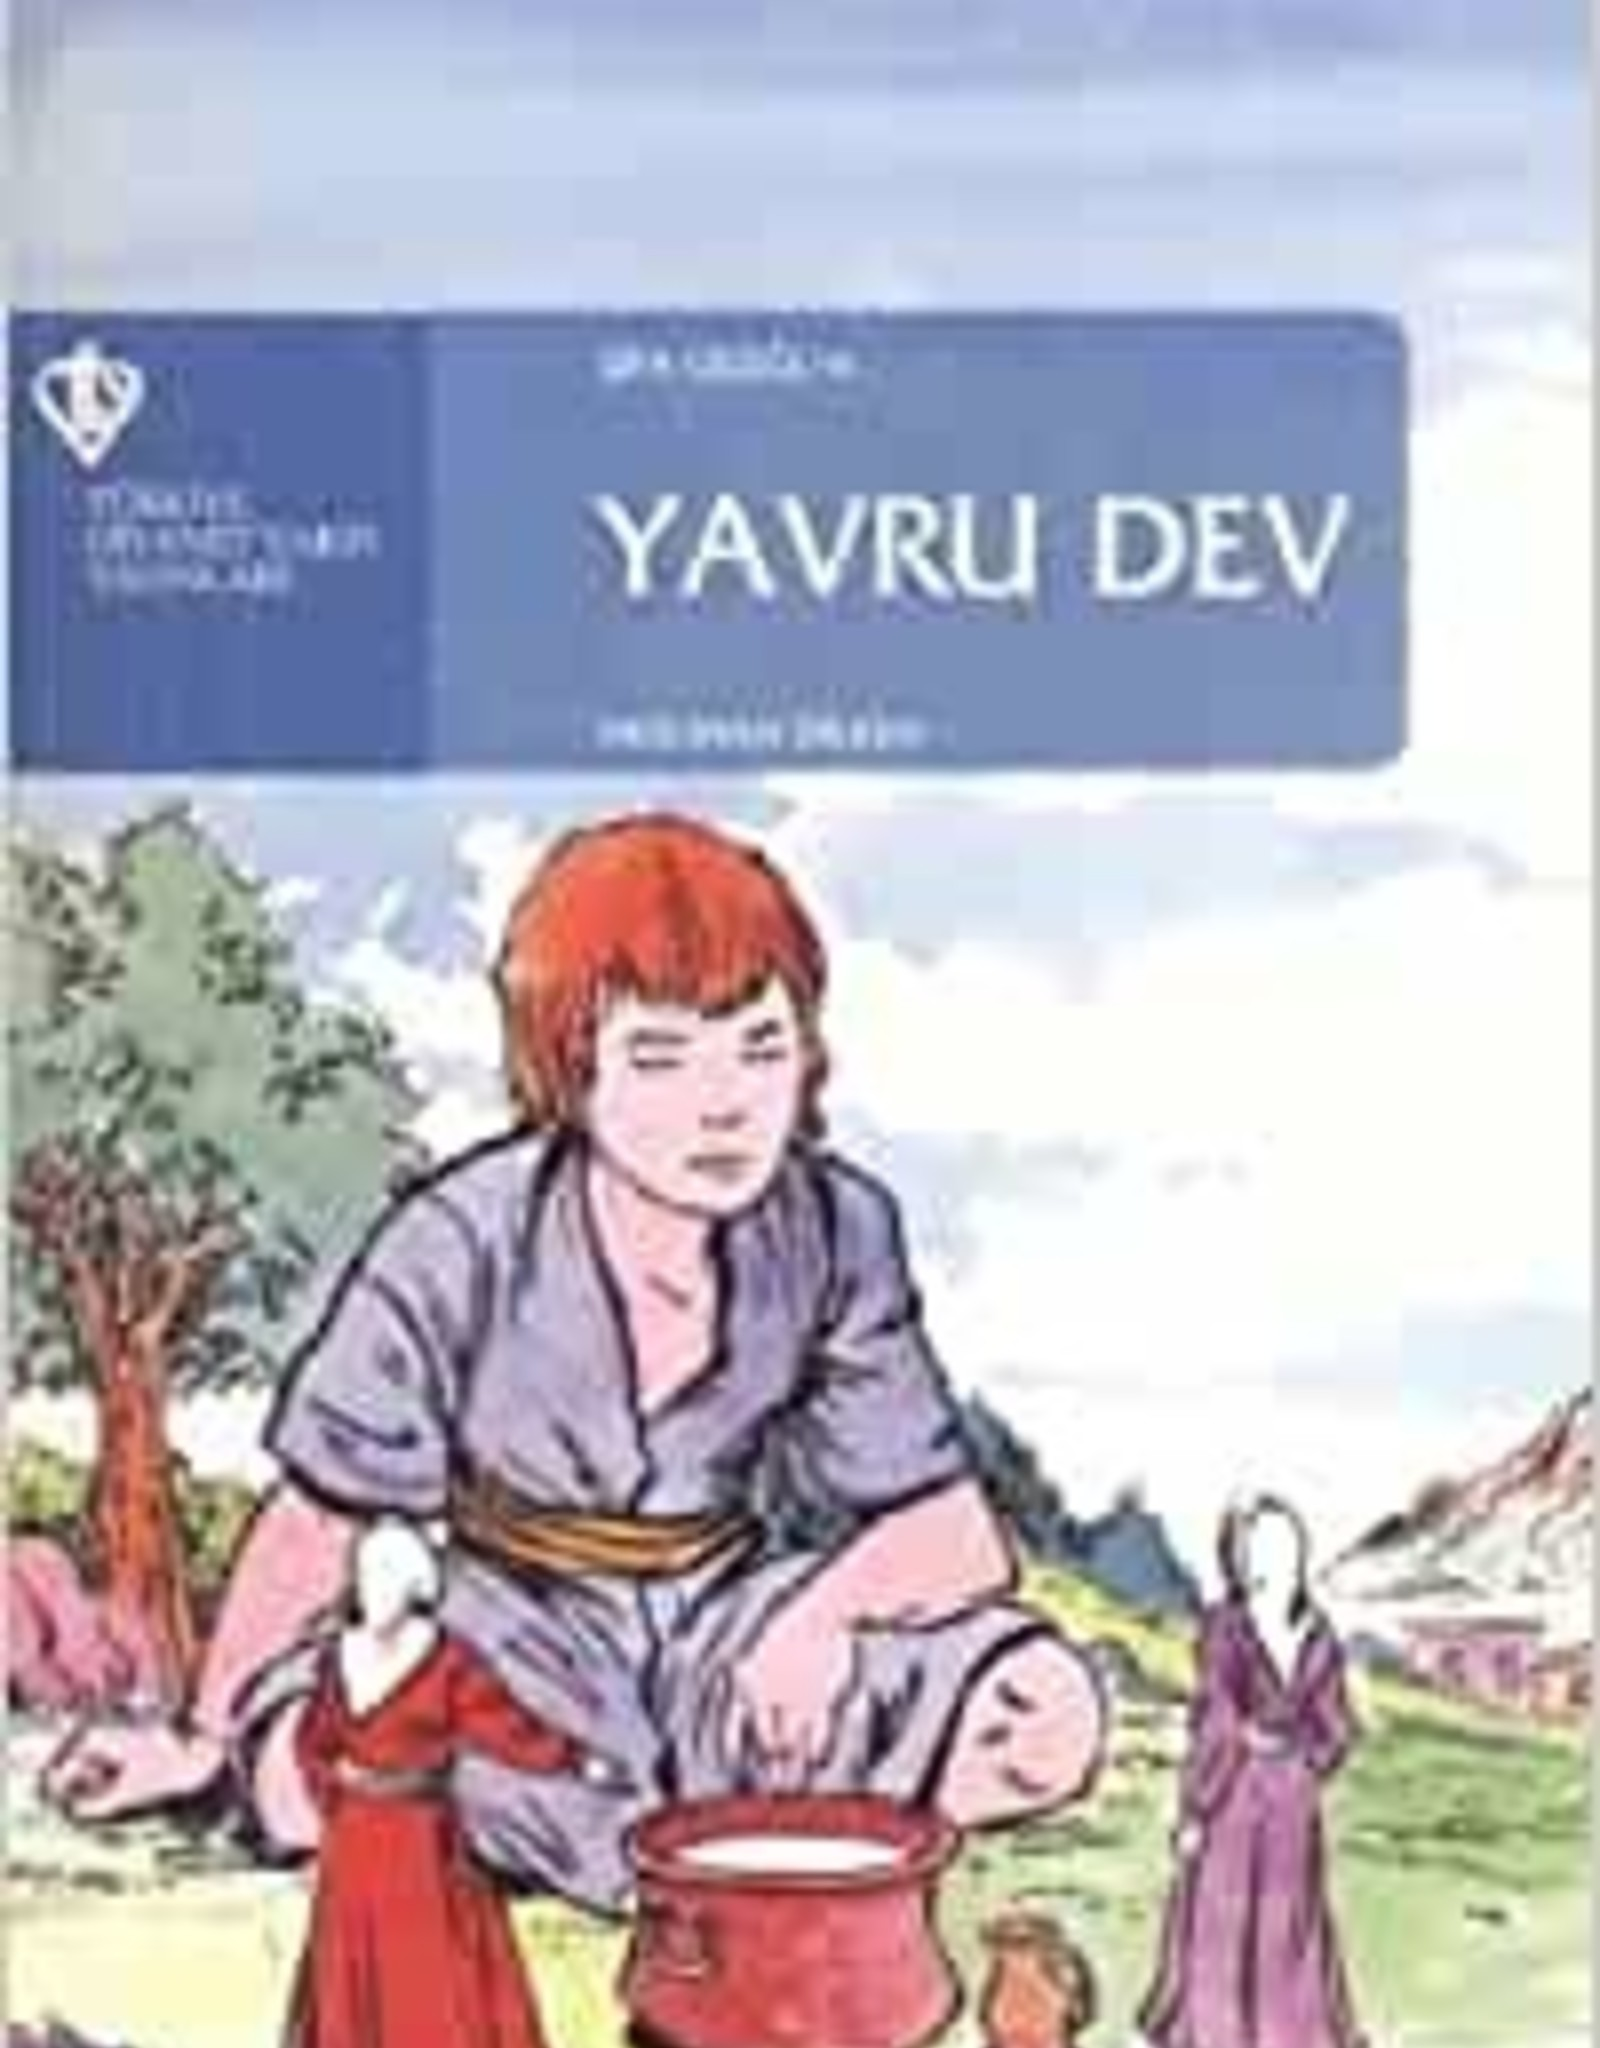 Yavru Dev